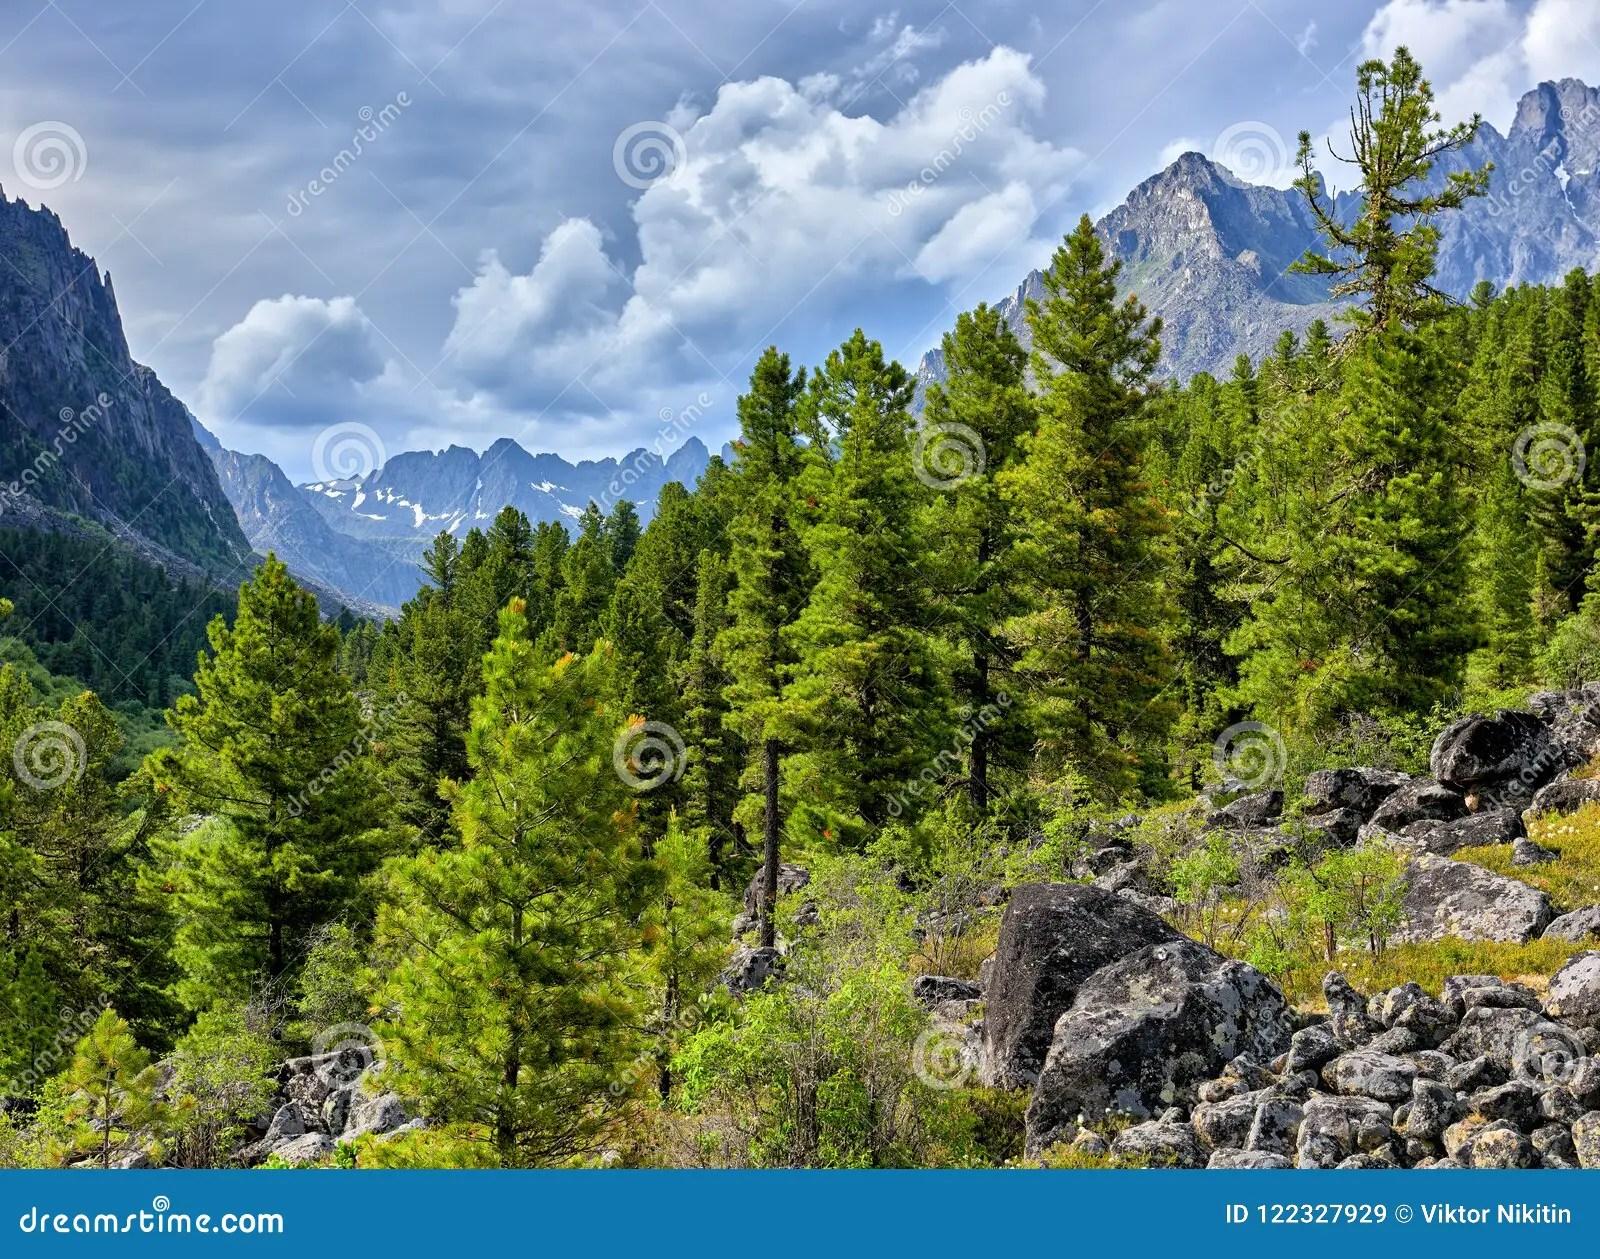 siberian mountain taiga on